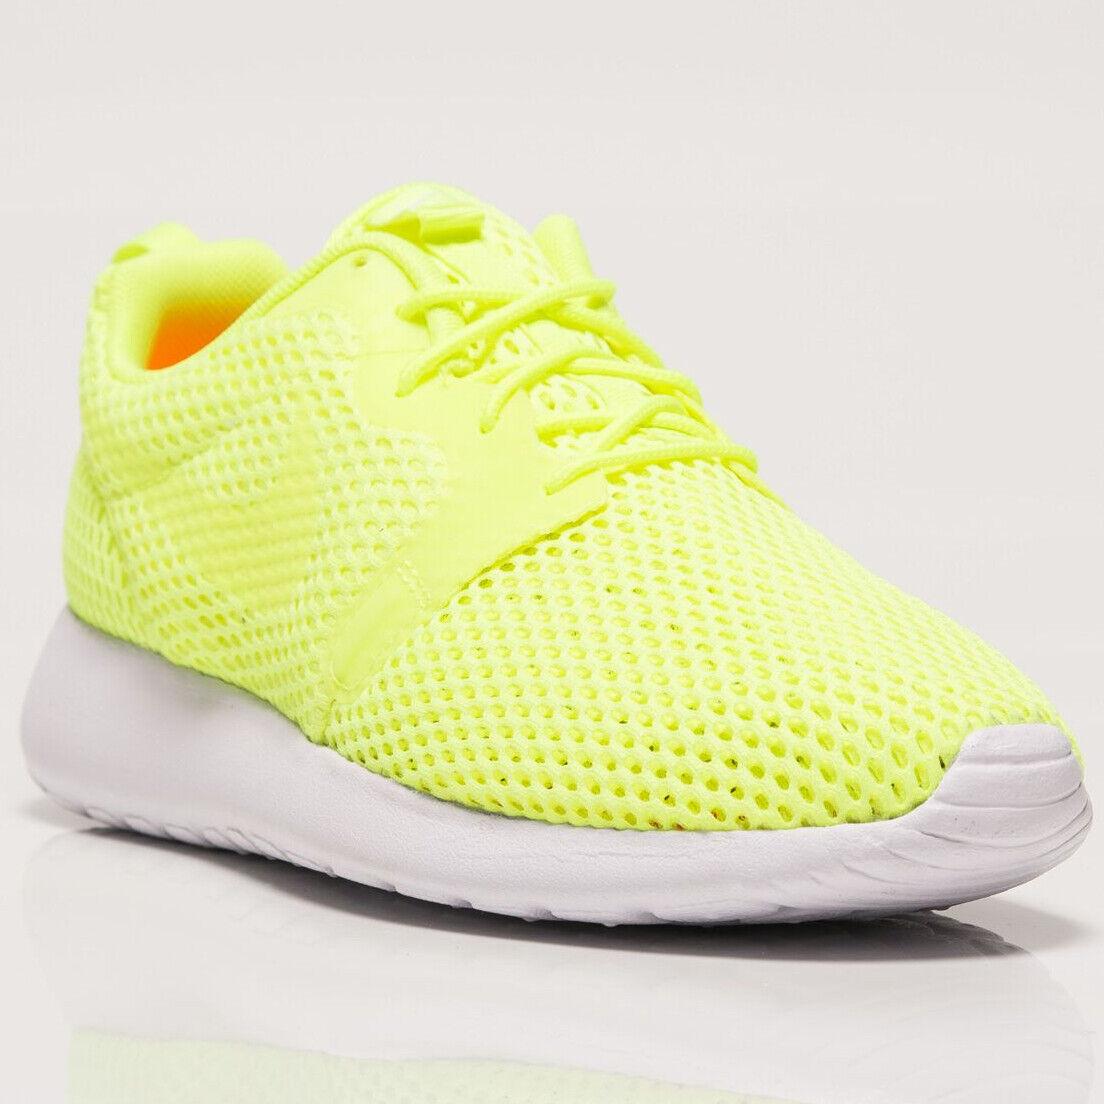 Nike Roshe One Hyperfuse BR Men's New Volt White shoes Last Sizes 833125-700